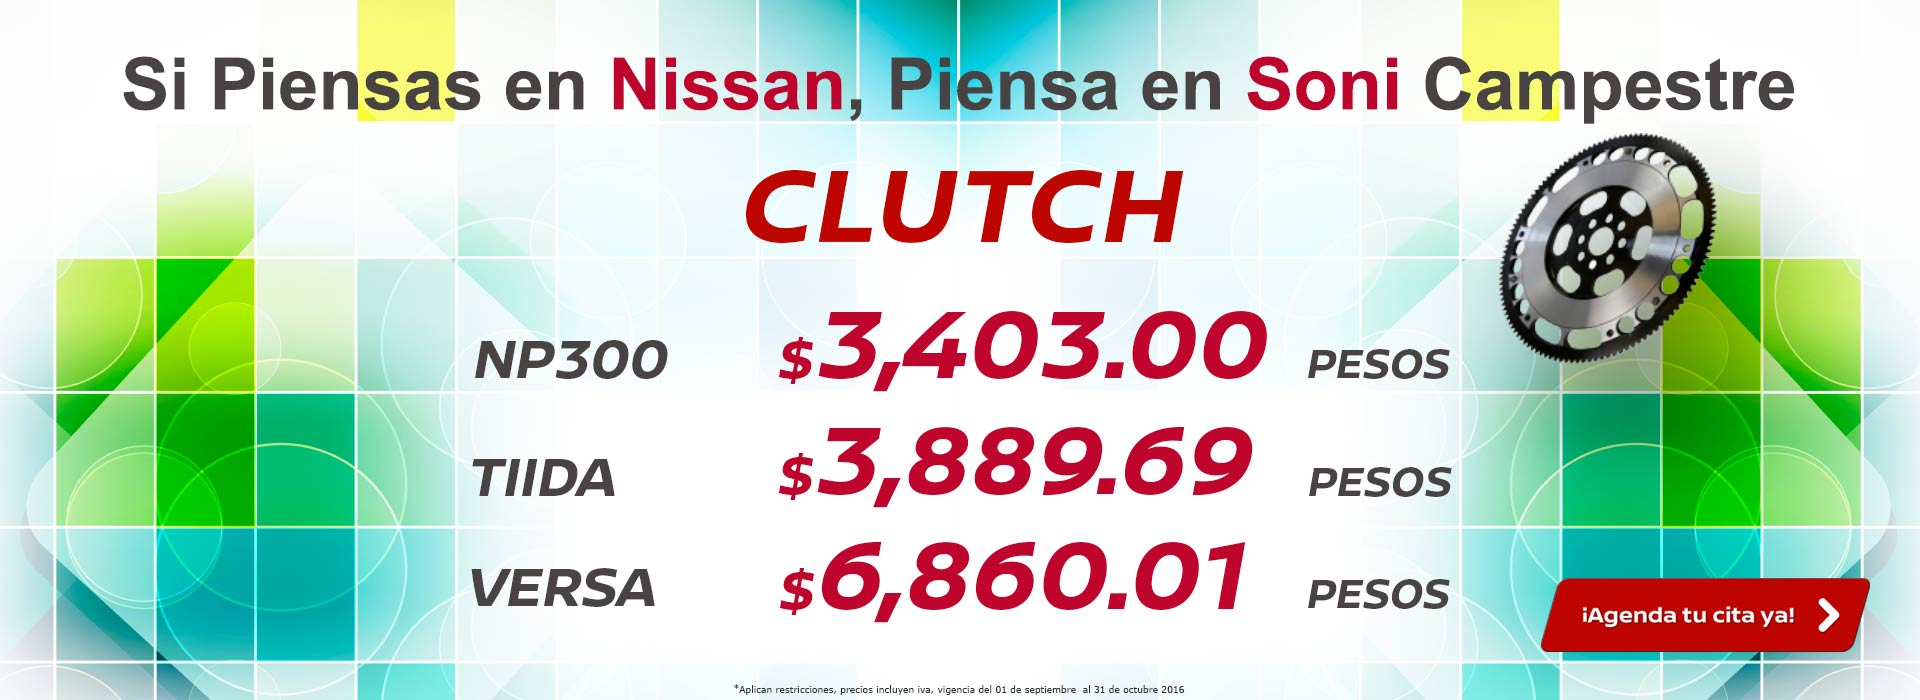 Promociones de Posventa - Clutch